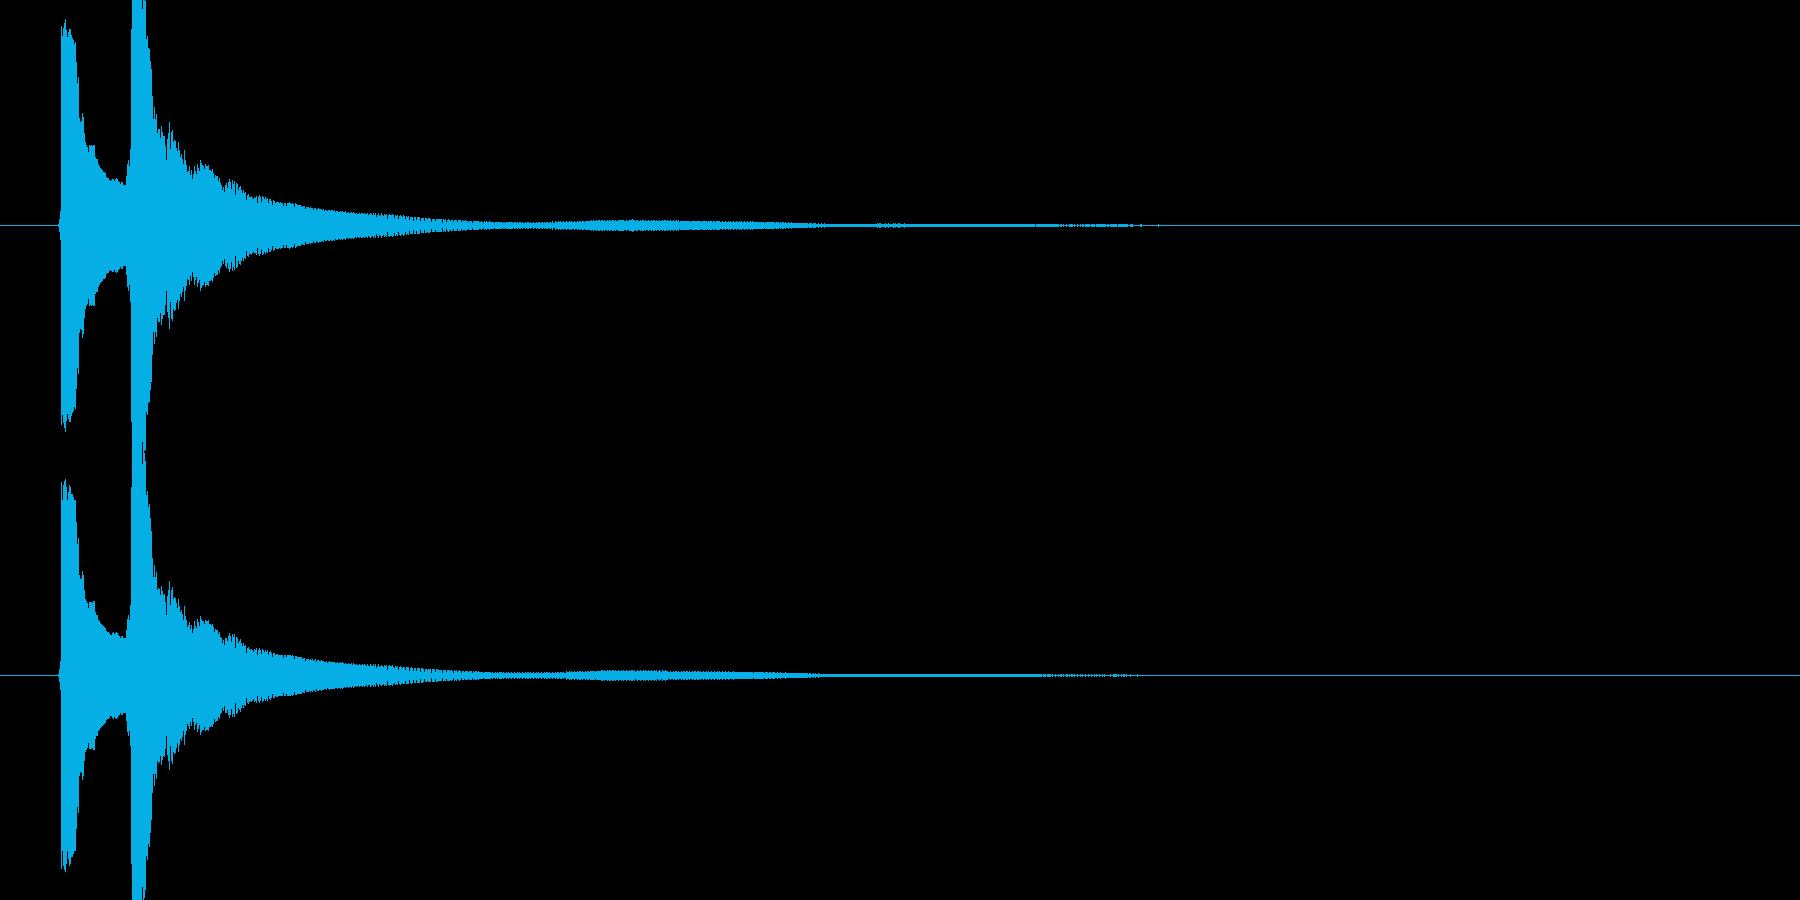 ピンポン(琴の音色)の再生済みの波形